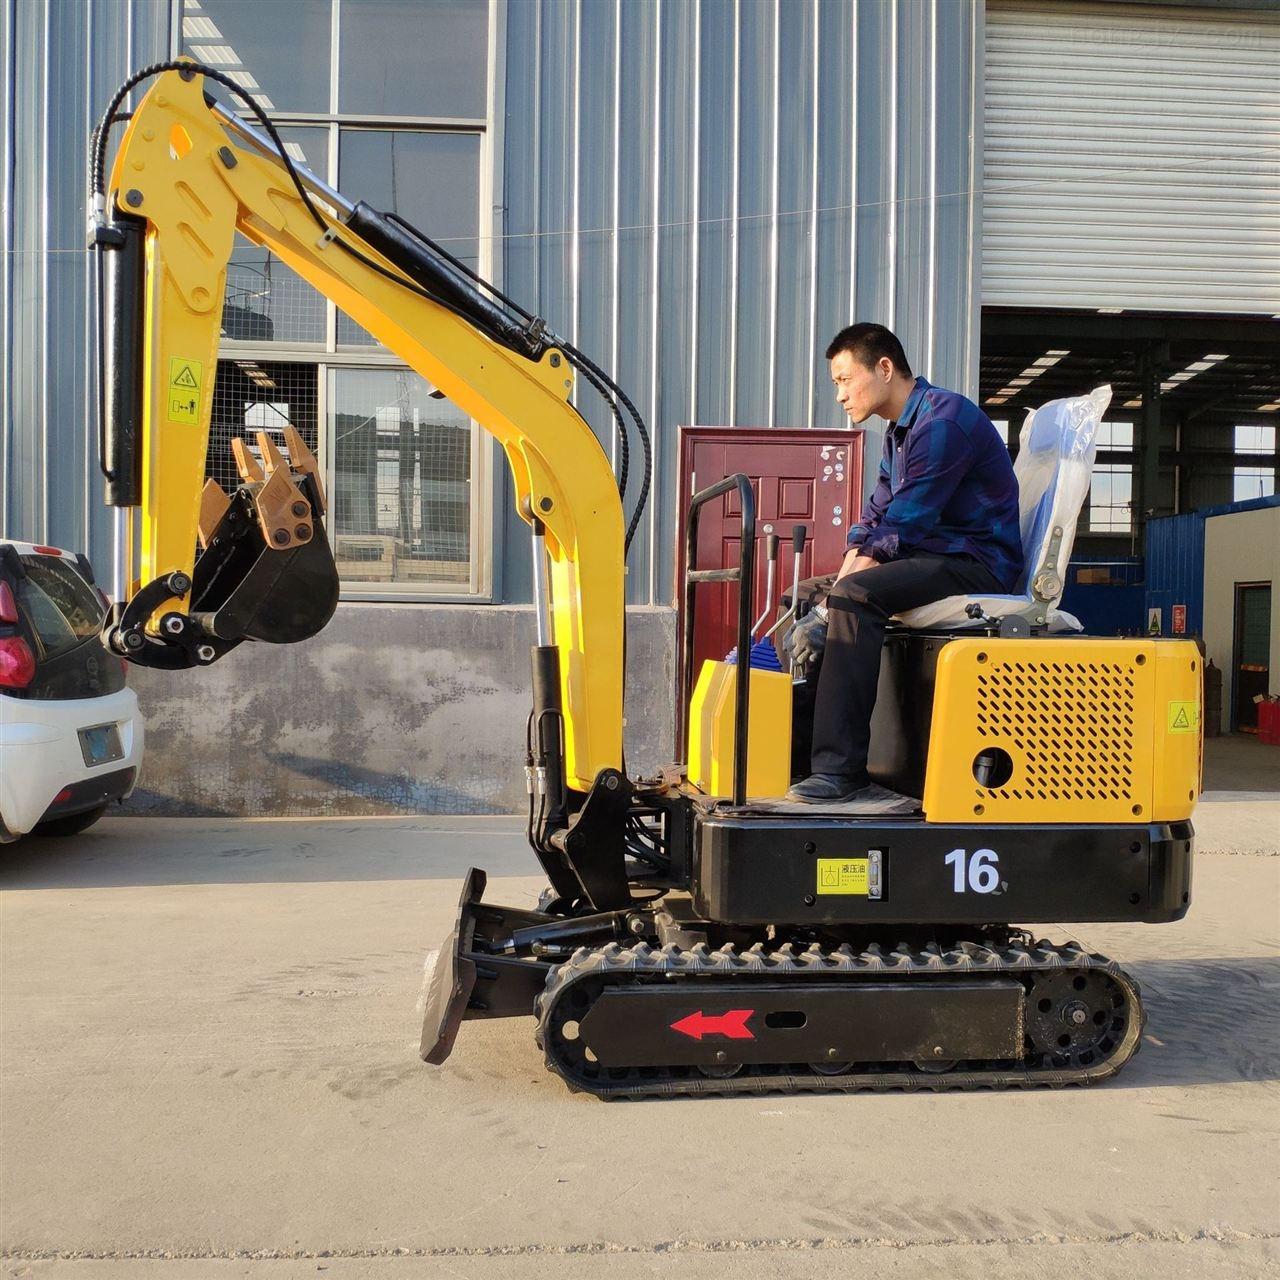 16型0428-小型挖掘机农田挖沟土方回填室内破碎小挖机